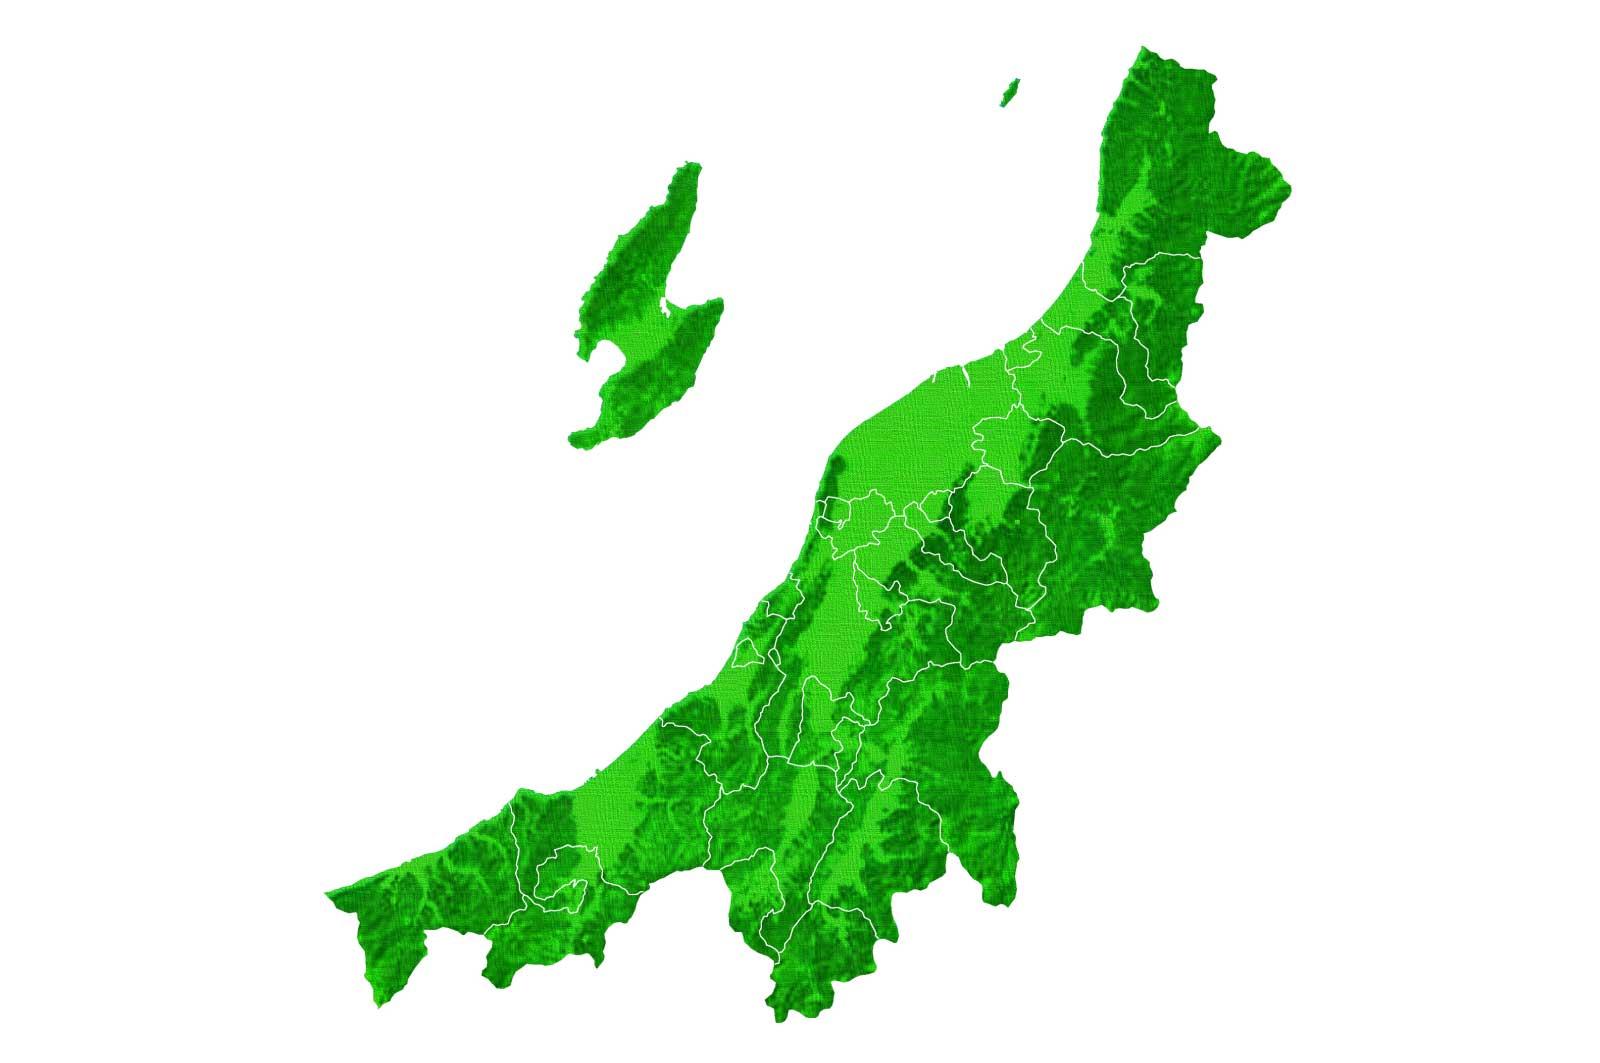 新潟は南北に非常に広い